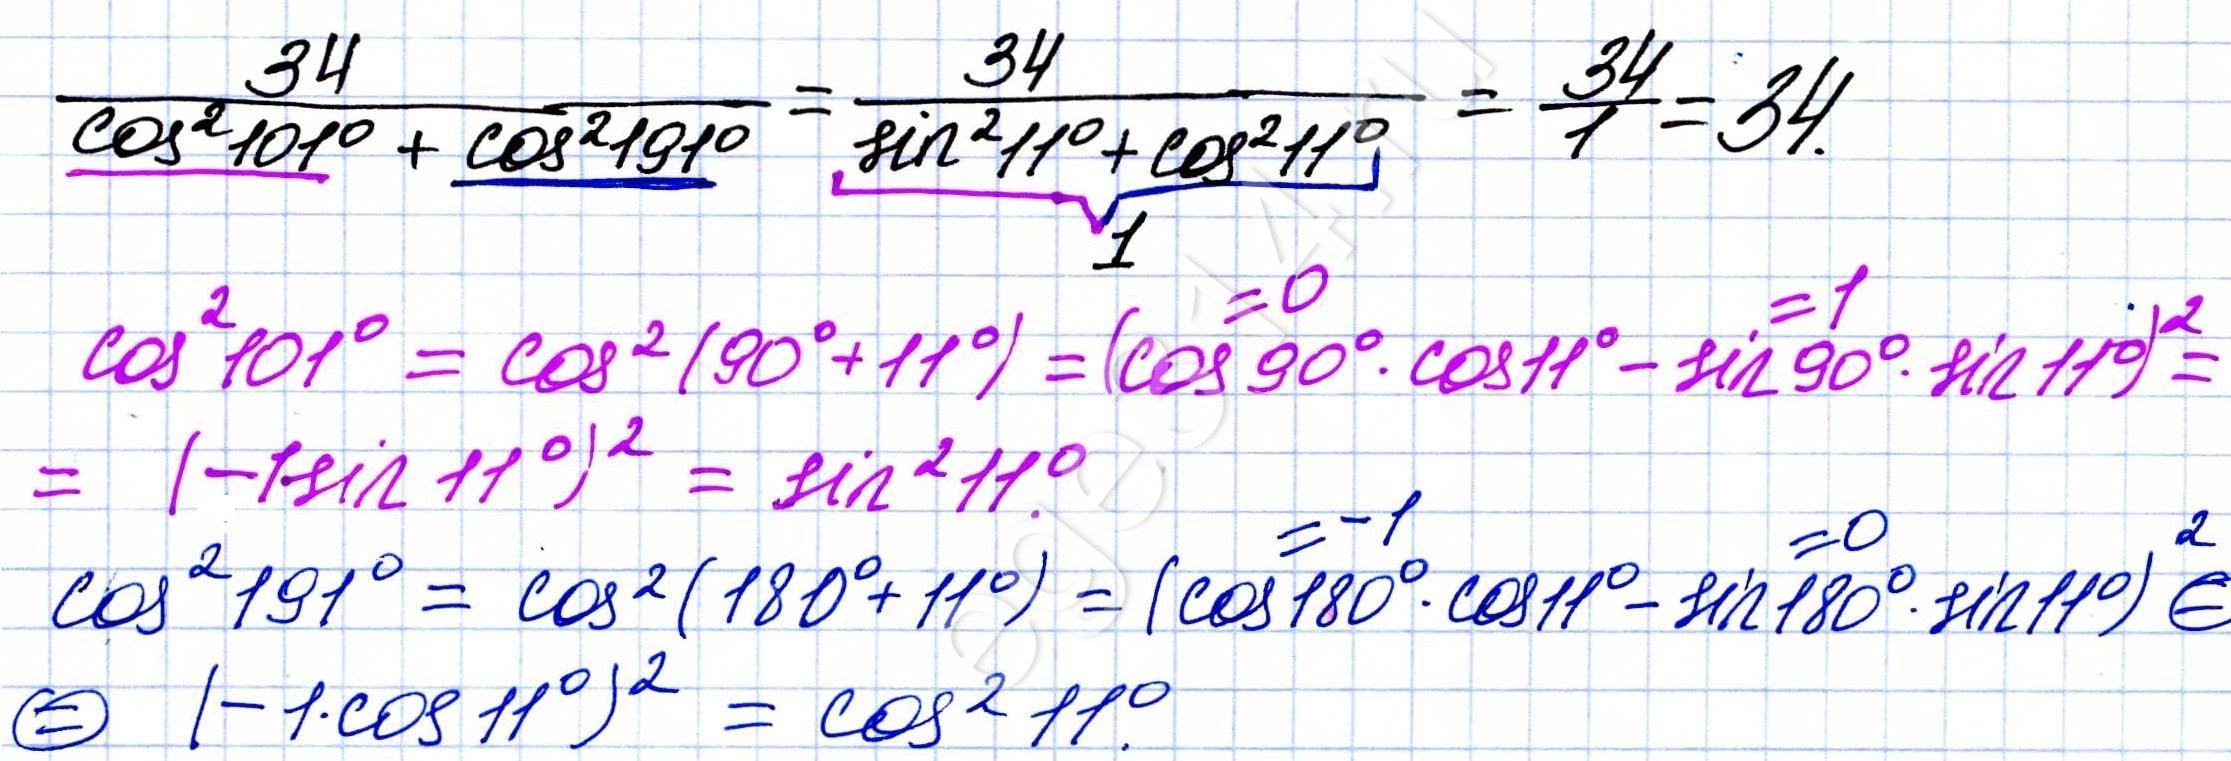 Решение Найдите значение выражения 34(cos^2 101+cos^2 191)